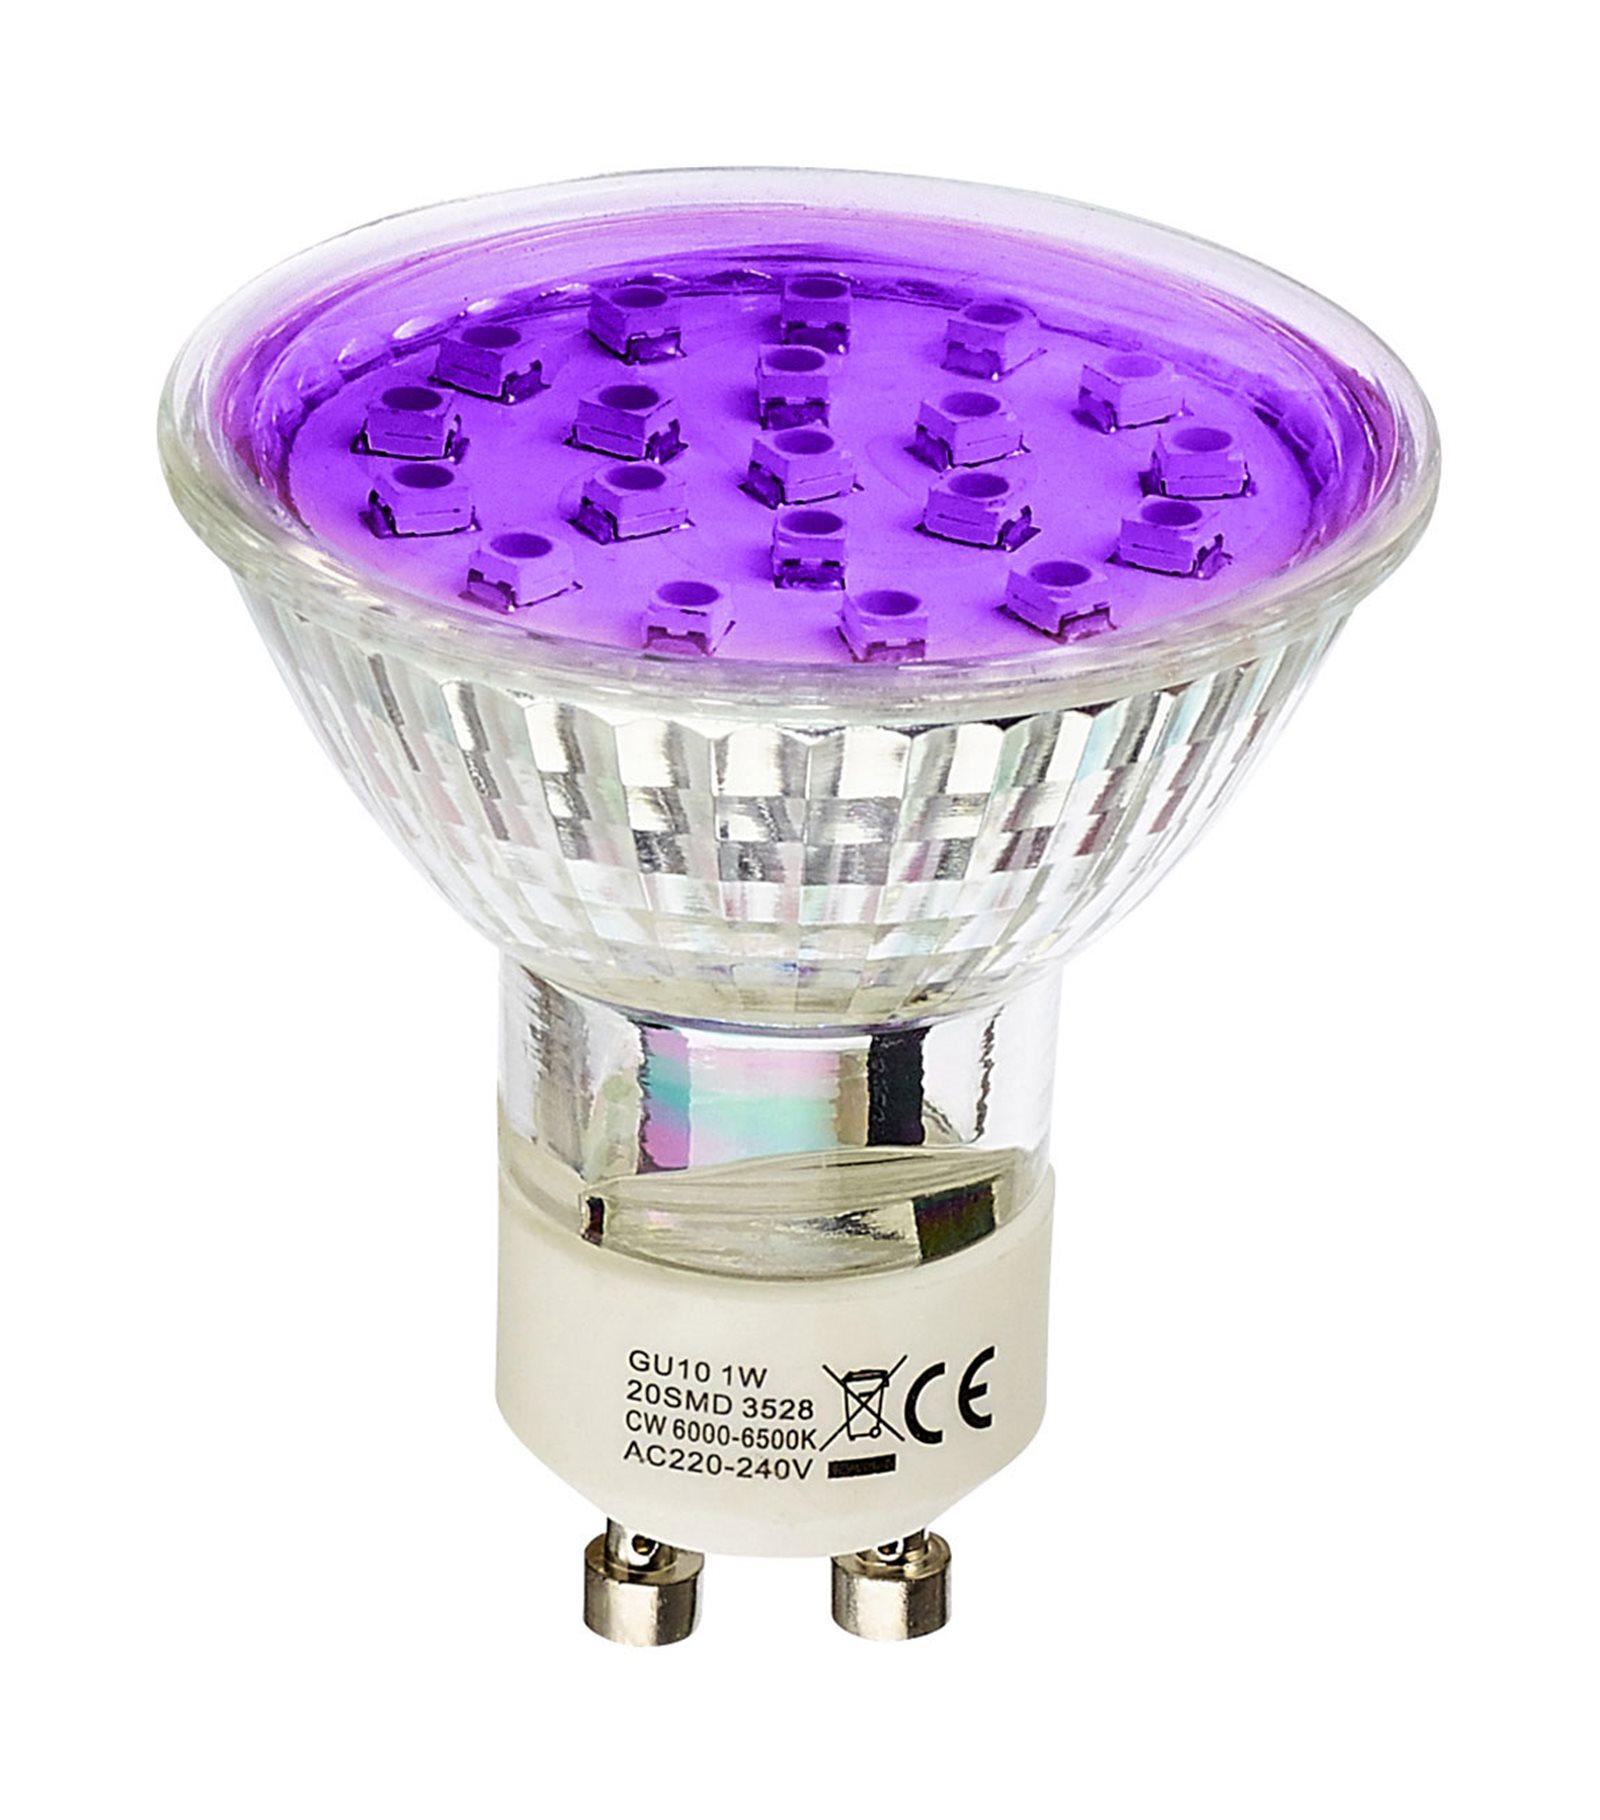 20 À Leds Ampoule Gu10 1 Violet 5w Hipow Led 0XN8wkZOnP